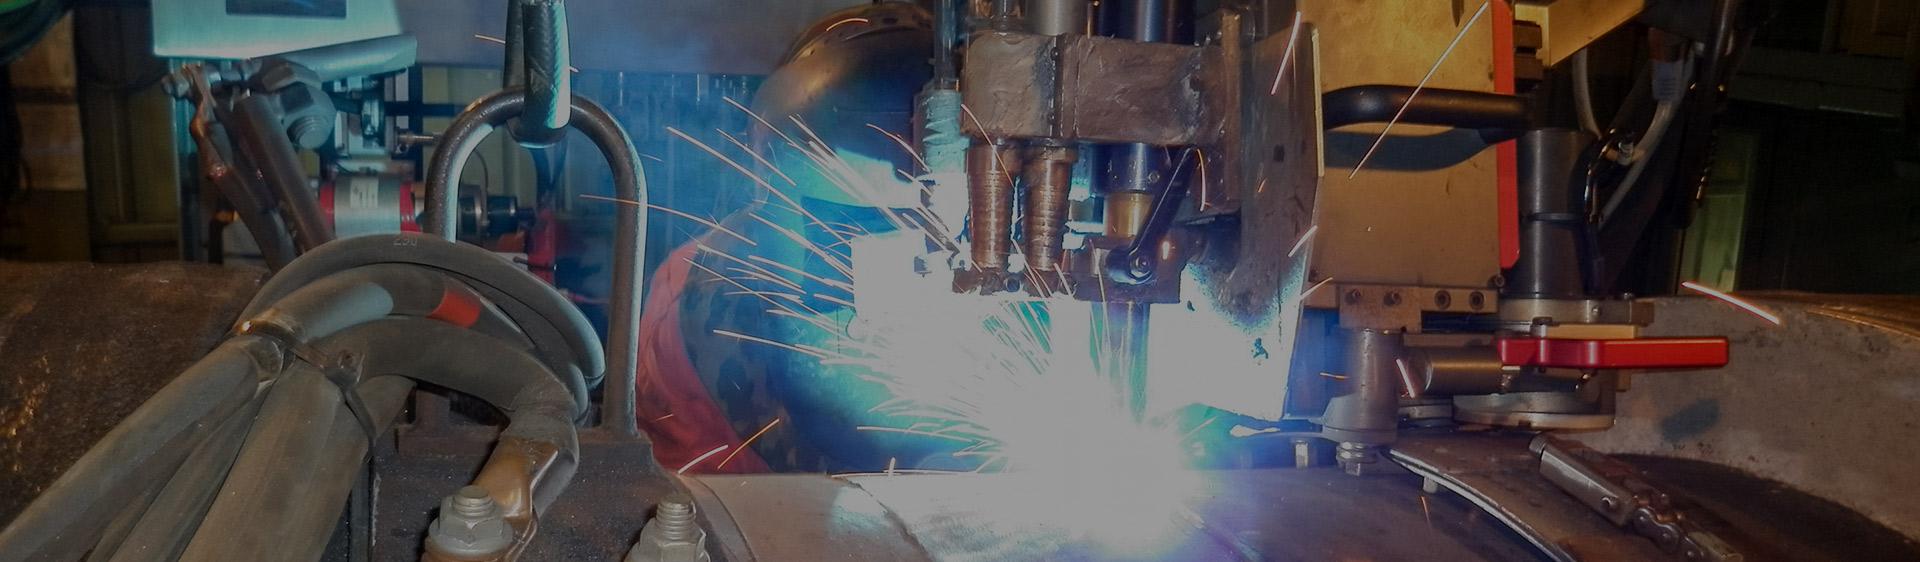 Augusta Plasma Arc Welding and Certified Welding Inspector